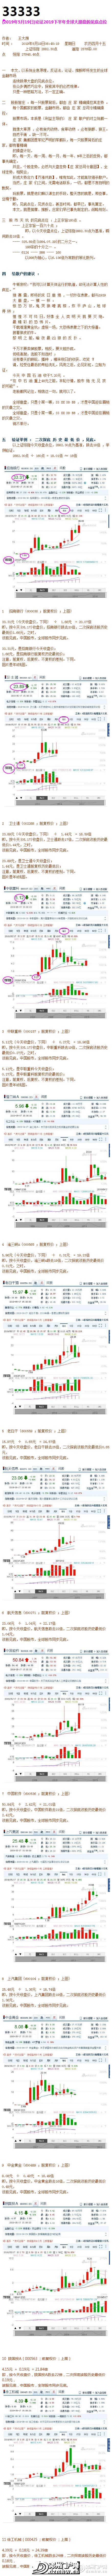 云脉访客管理系统升级企业访客管理 - 邓州门户网 邓州网 - 32225669_201905221116170040639541.png